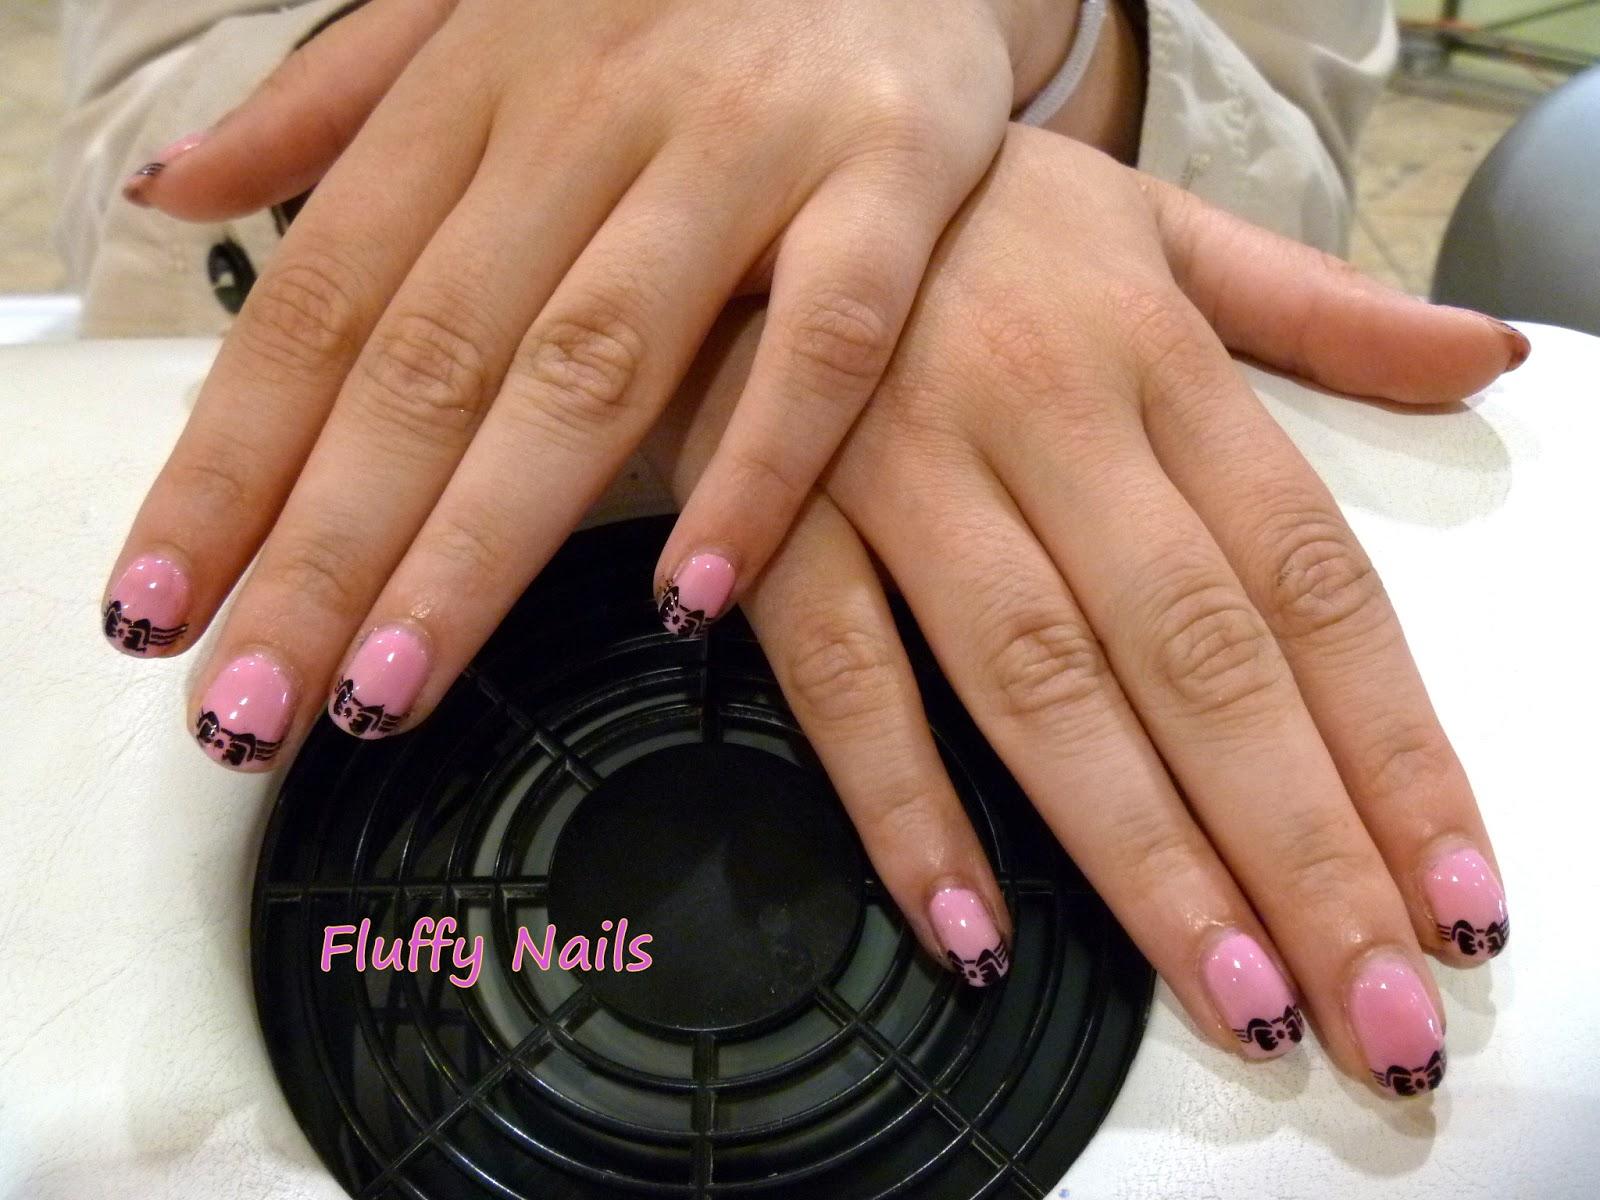 Fluffy nails nail art id es de mes clientes 2 - Nail art discret ...